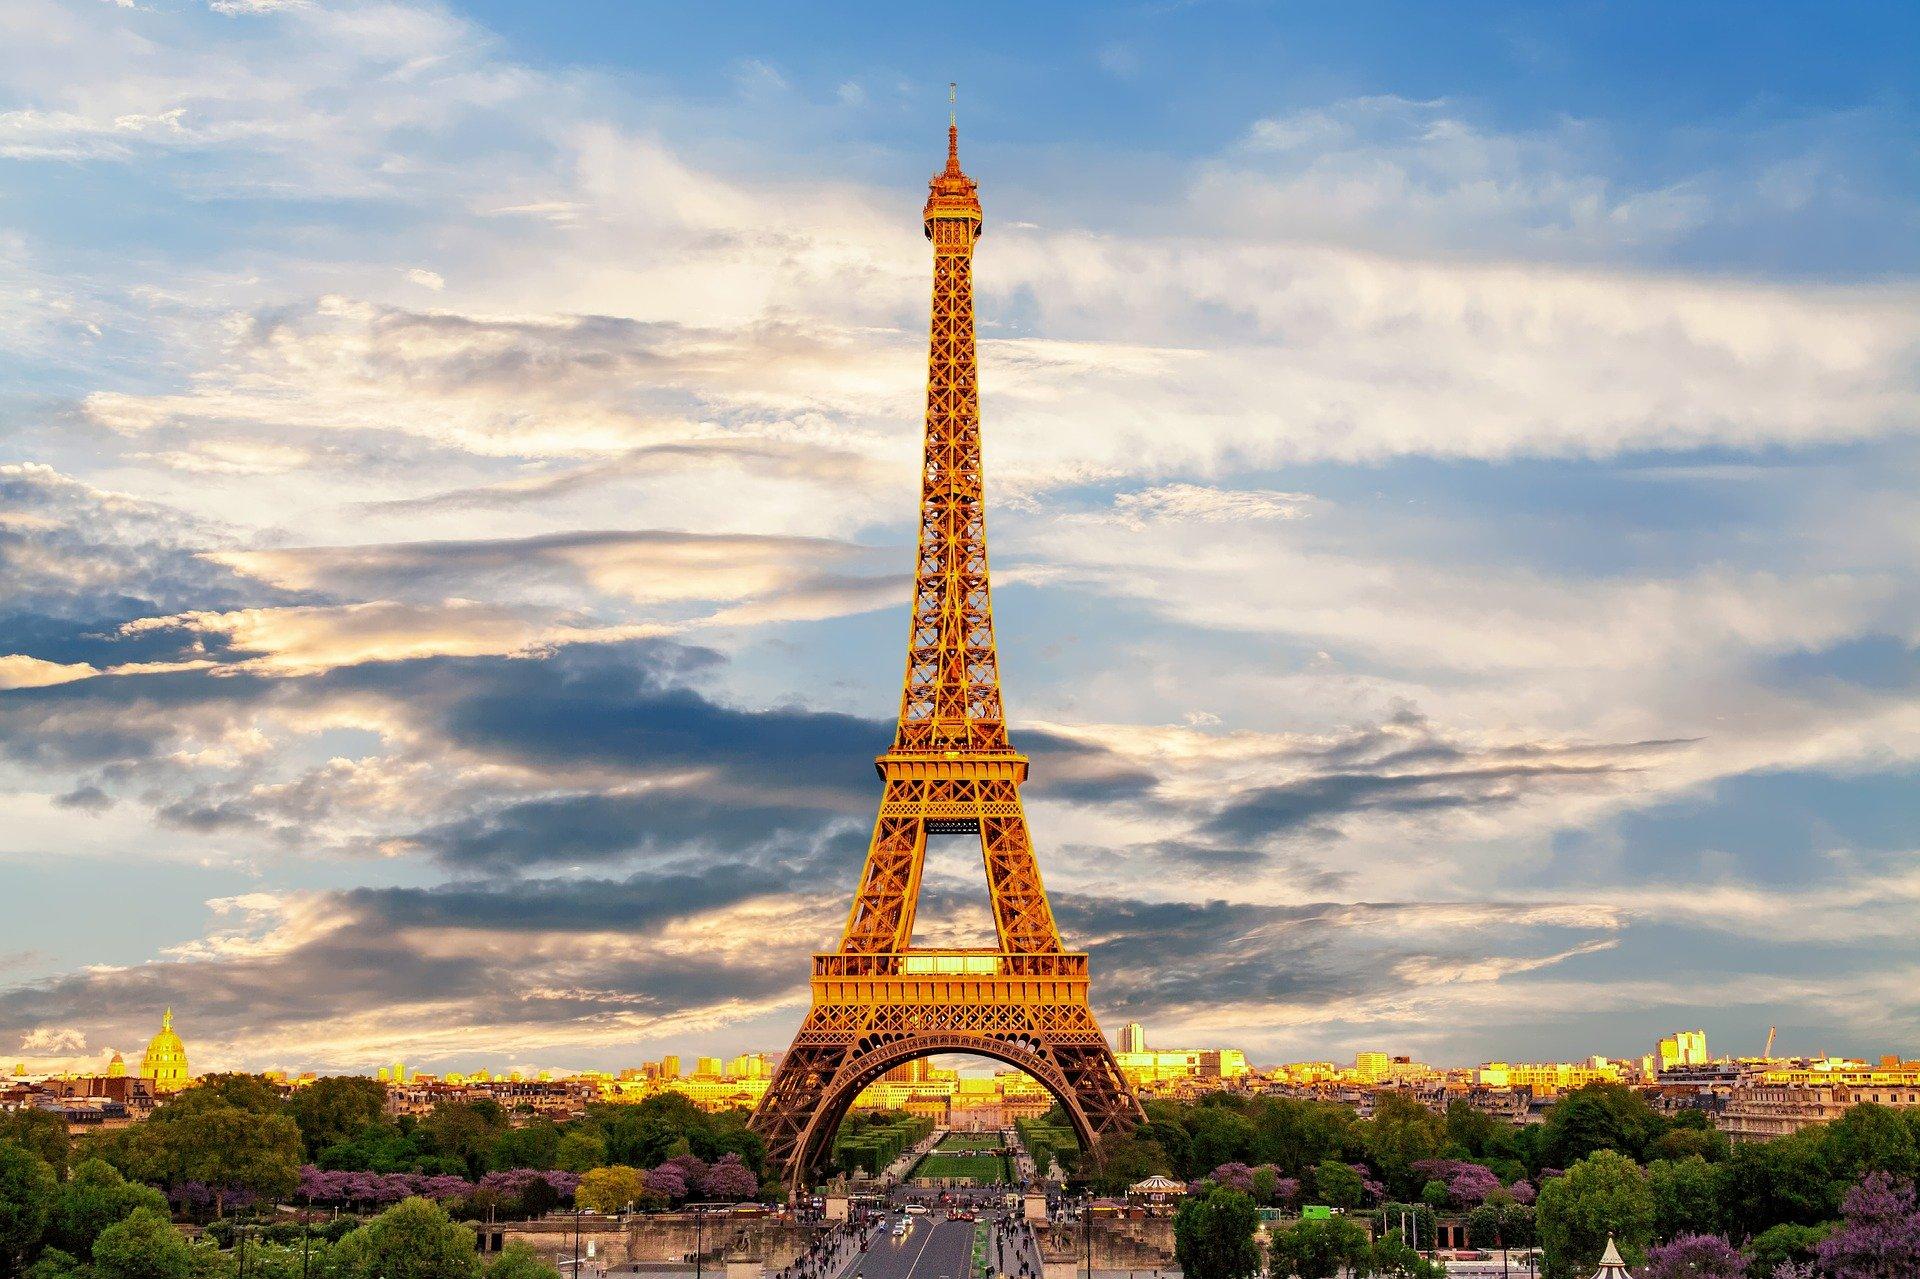 OUVERTURE PROCHAINE A PARIS